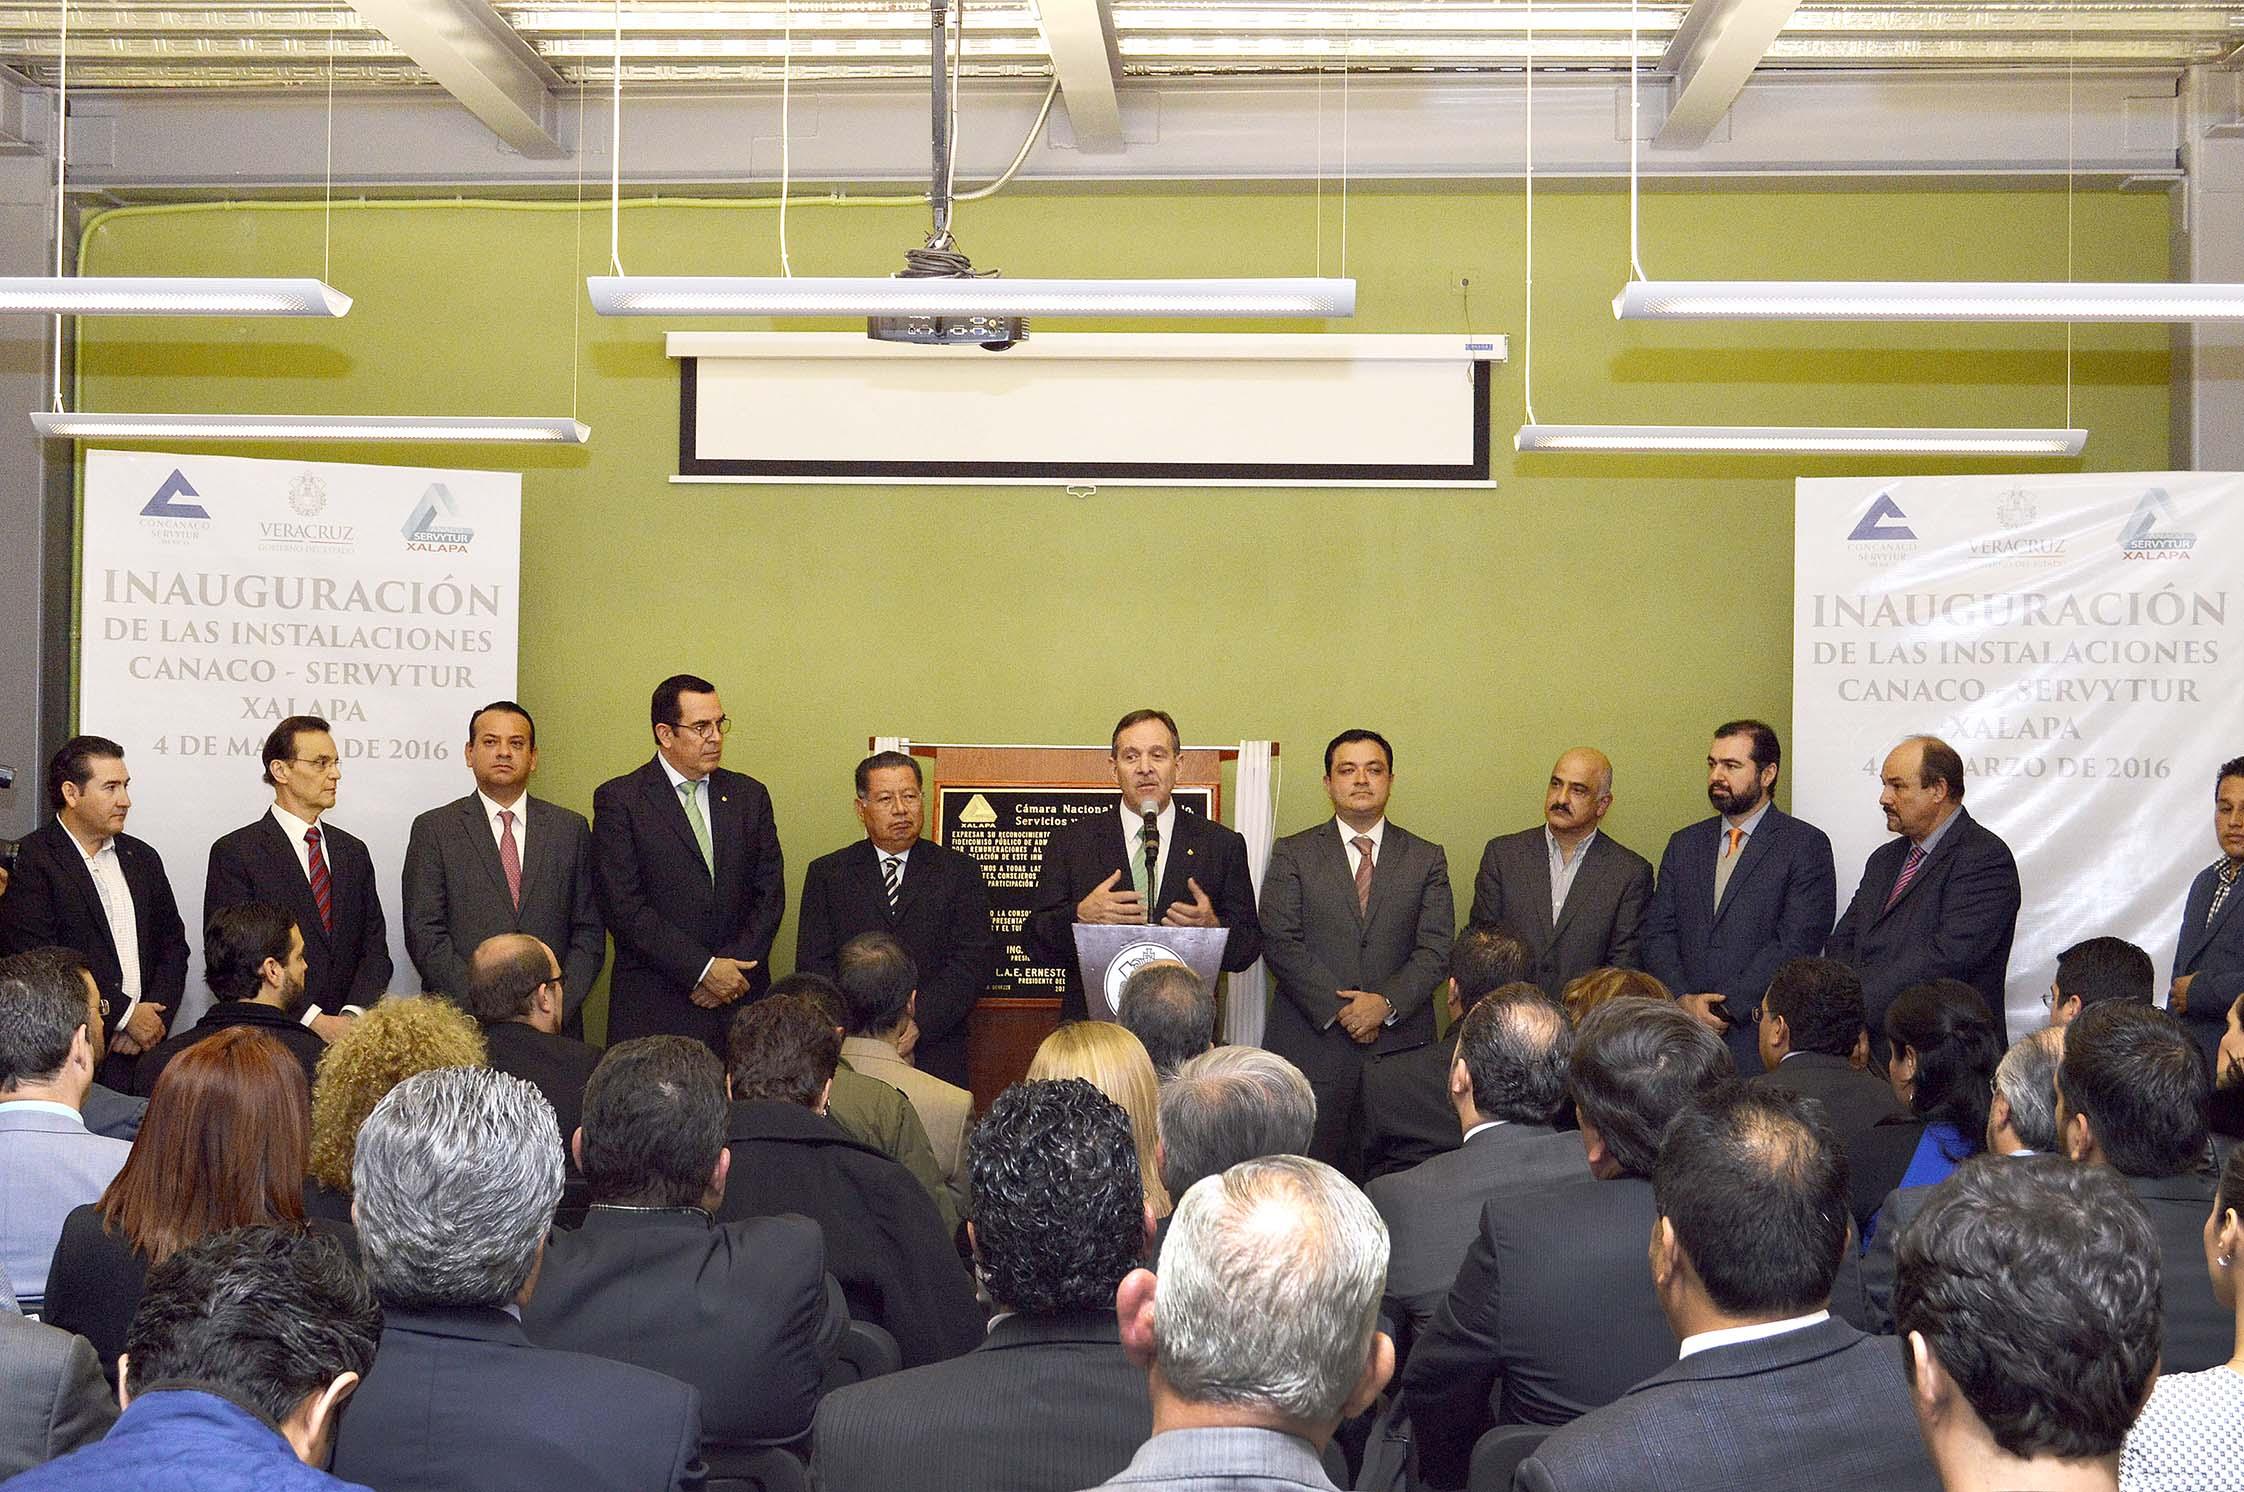 Inaugura Canaco por nuevas instalaciones en Xalapa